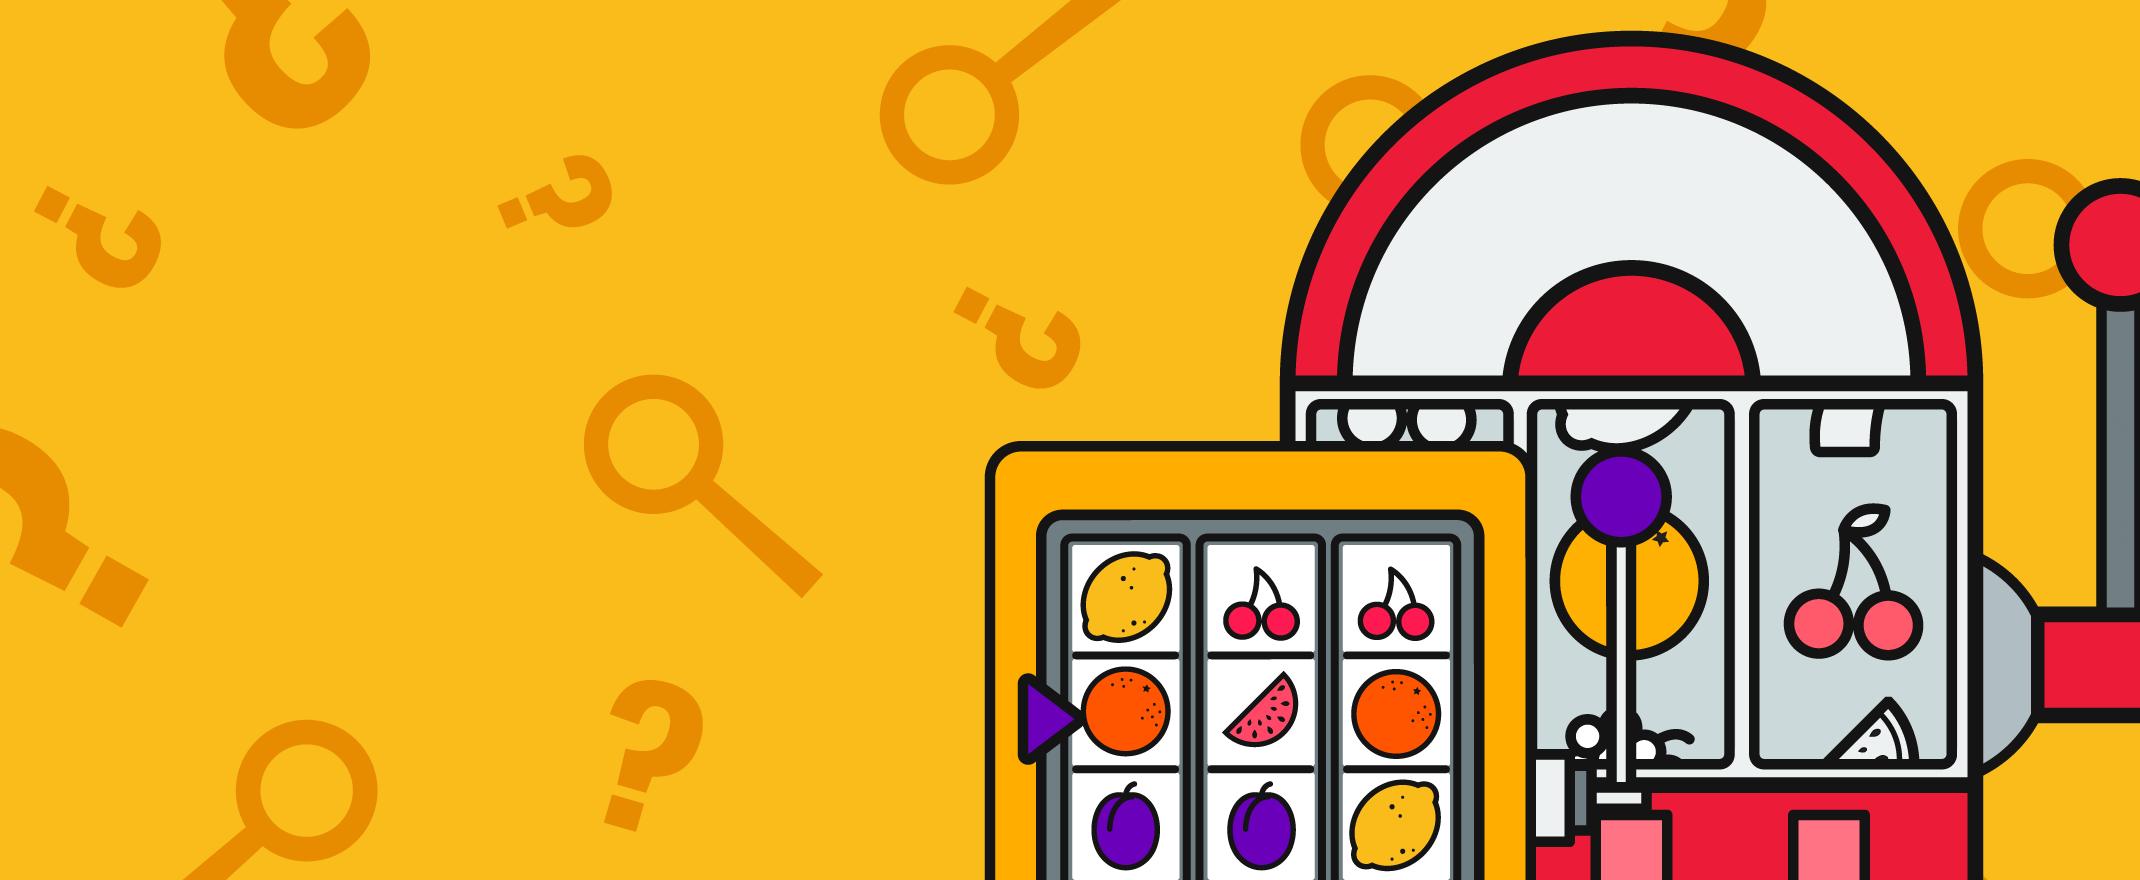 Slot gambling site license: